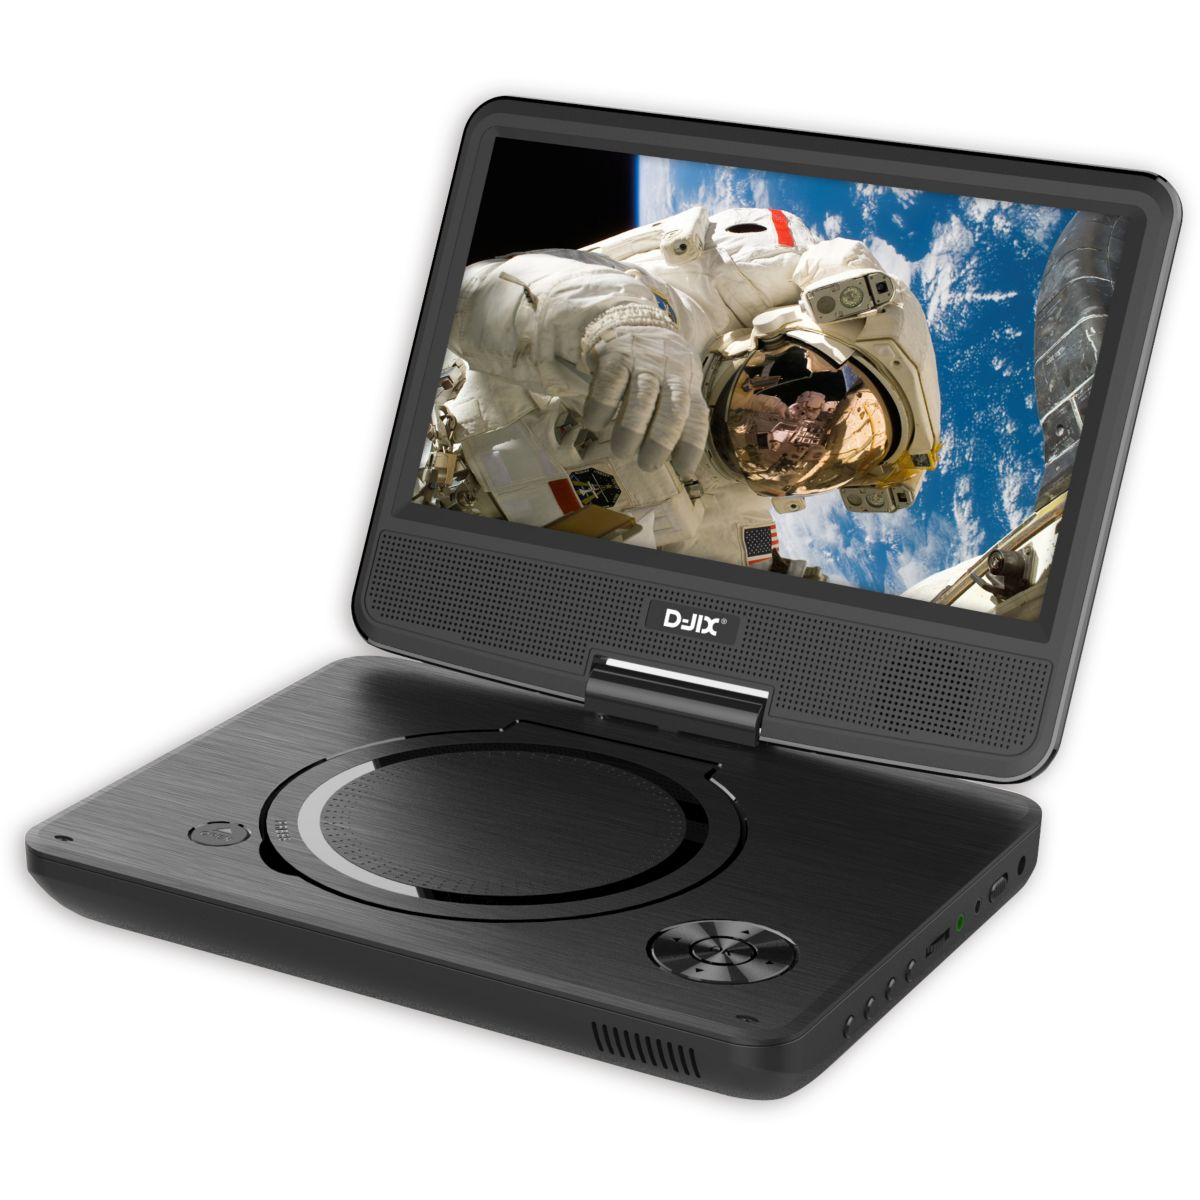 DVD Portable D-JIX PVS 906-20